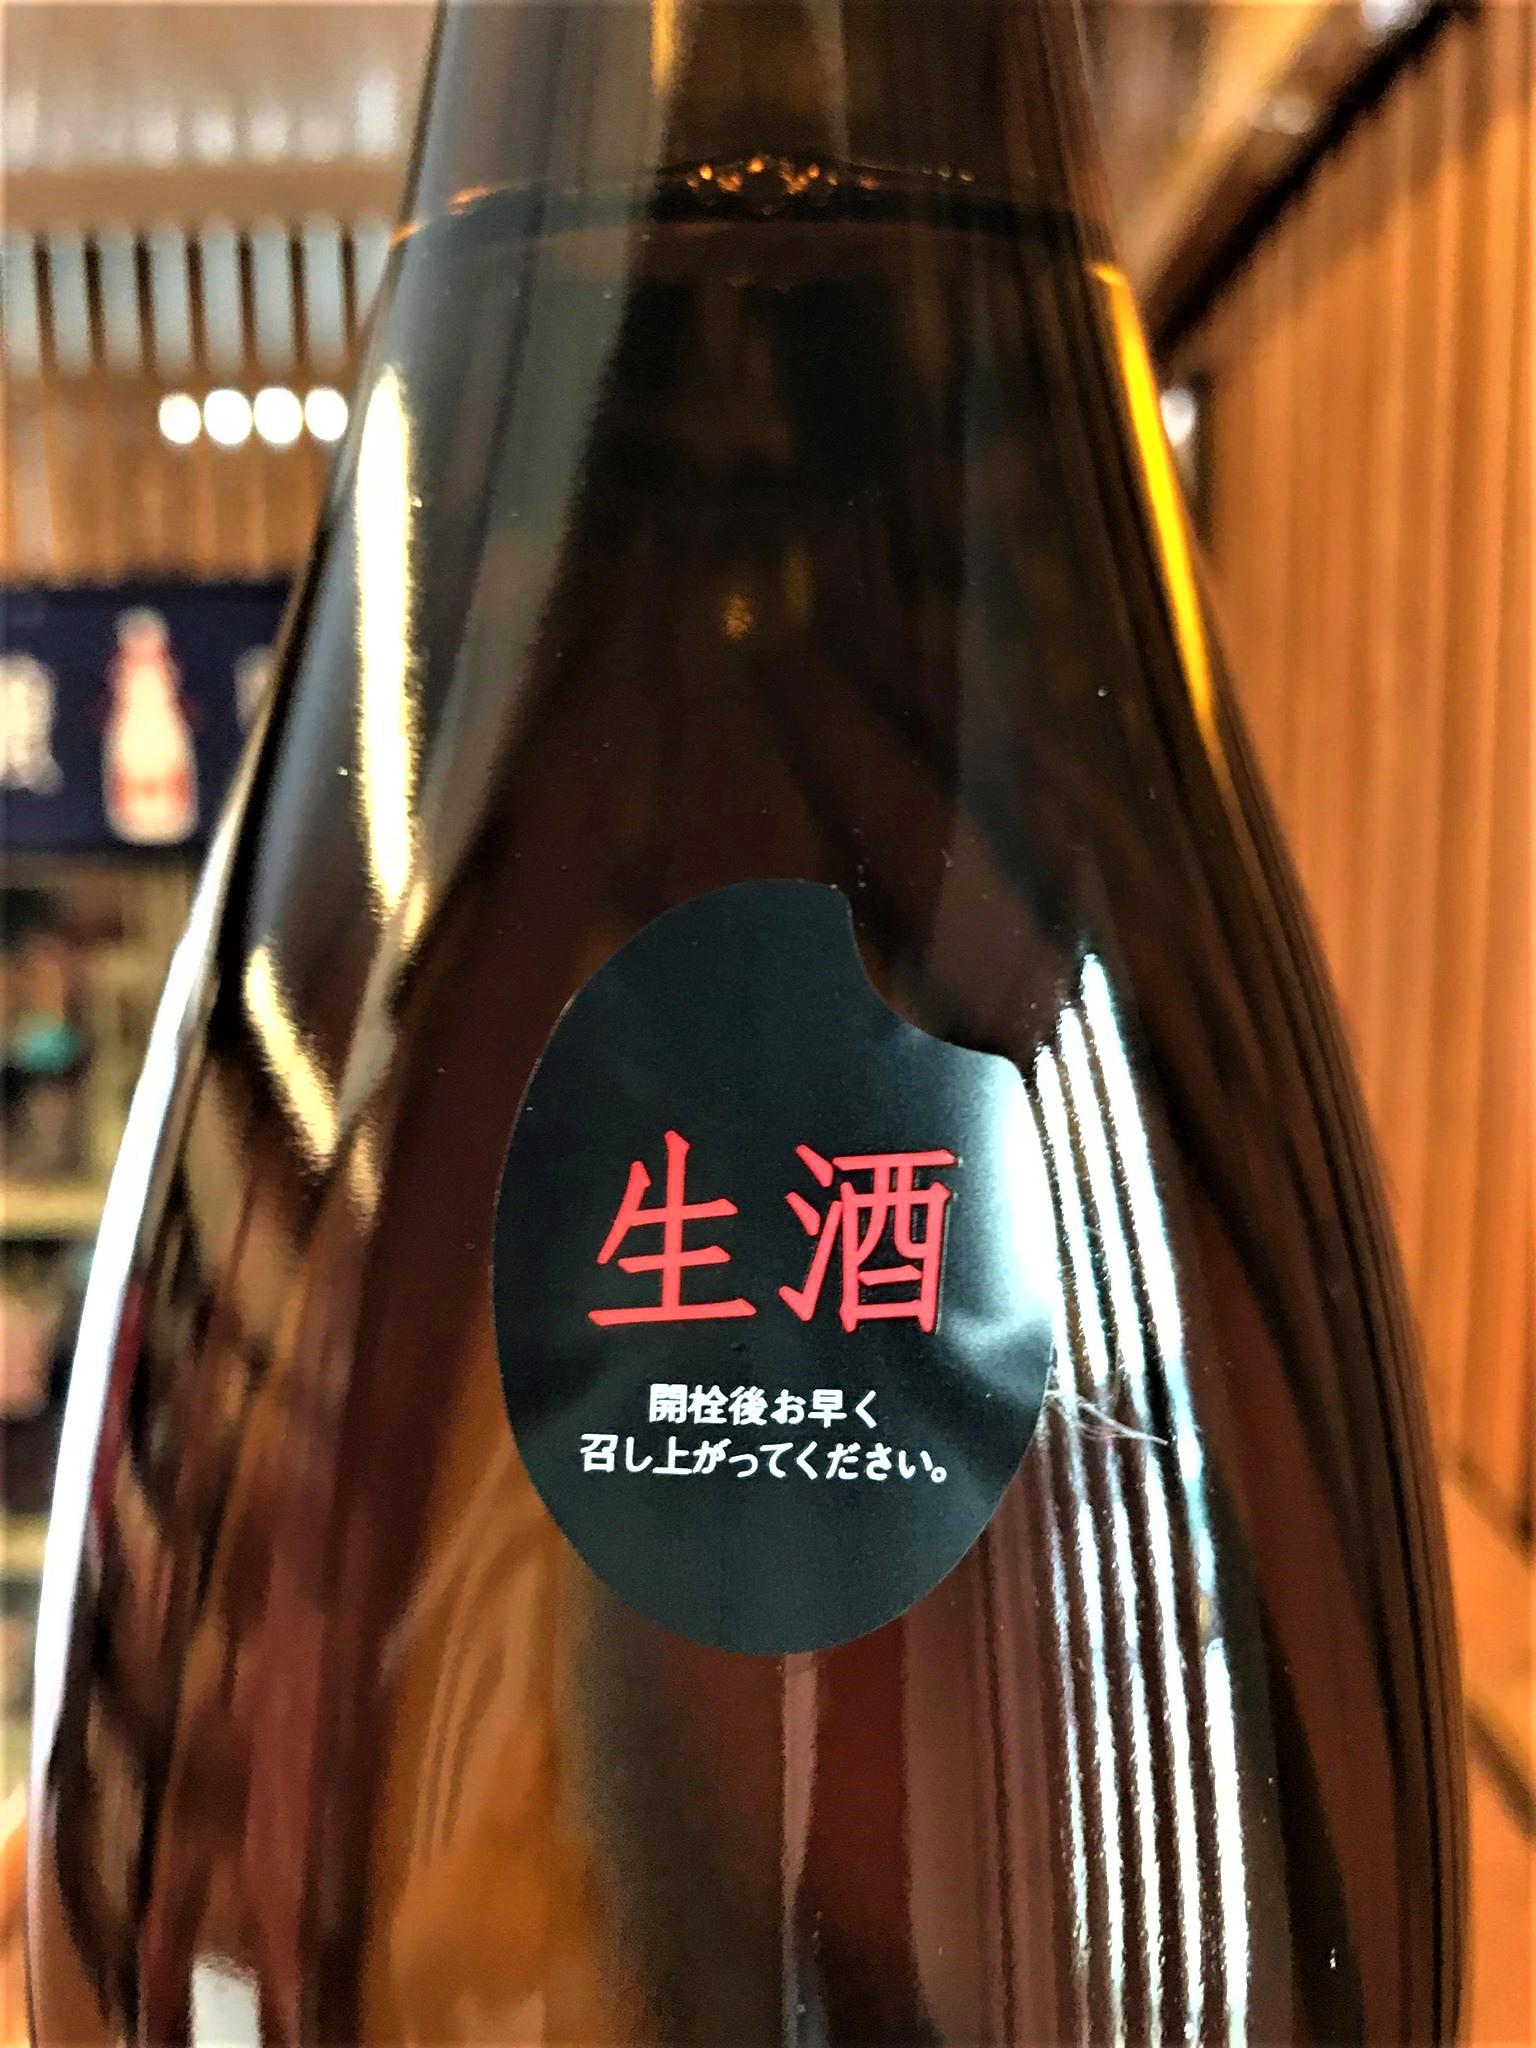 【日本酒】上喜元 搾りたて⛄仕込第一号 特別純米 無濾過生原酒 Anniversary Black 新酒令和1BY🆕_e0173738_112599.jpg